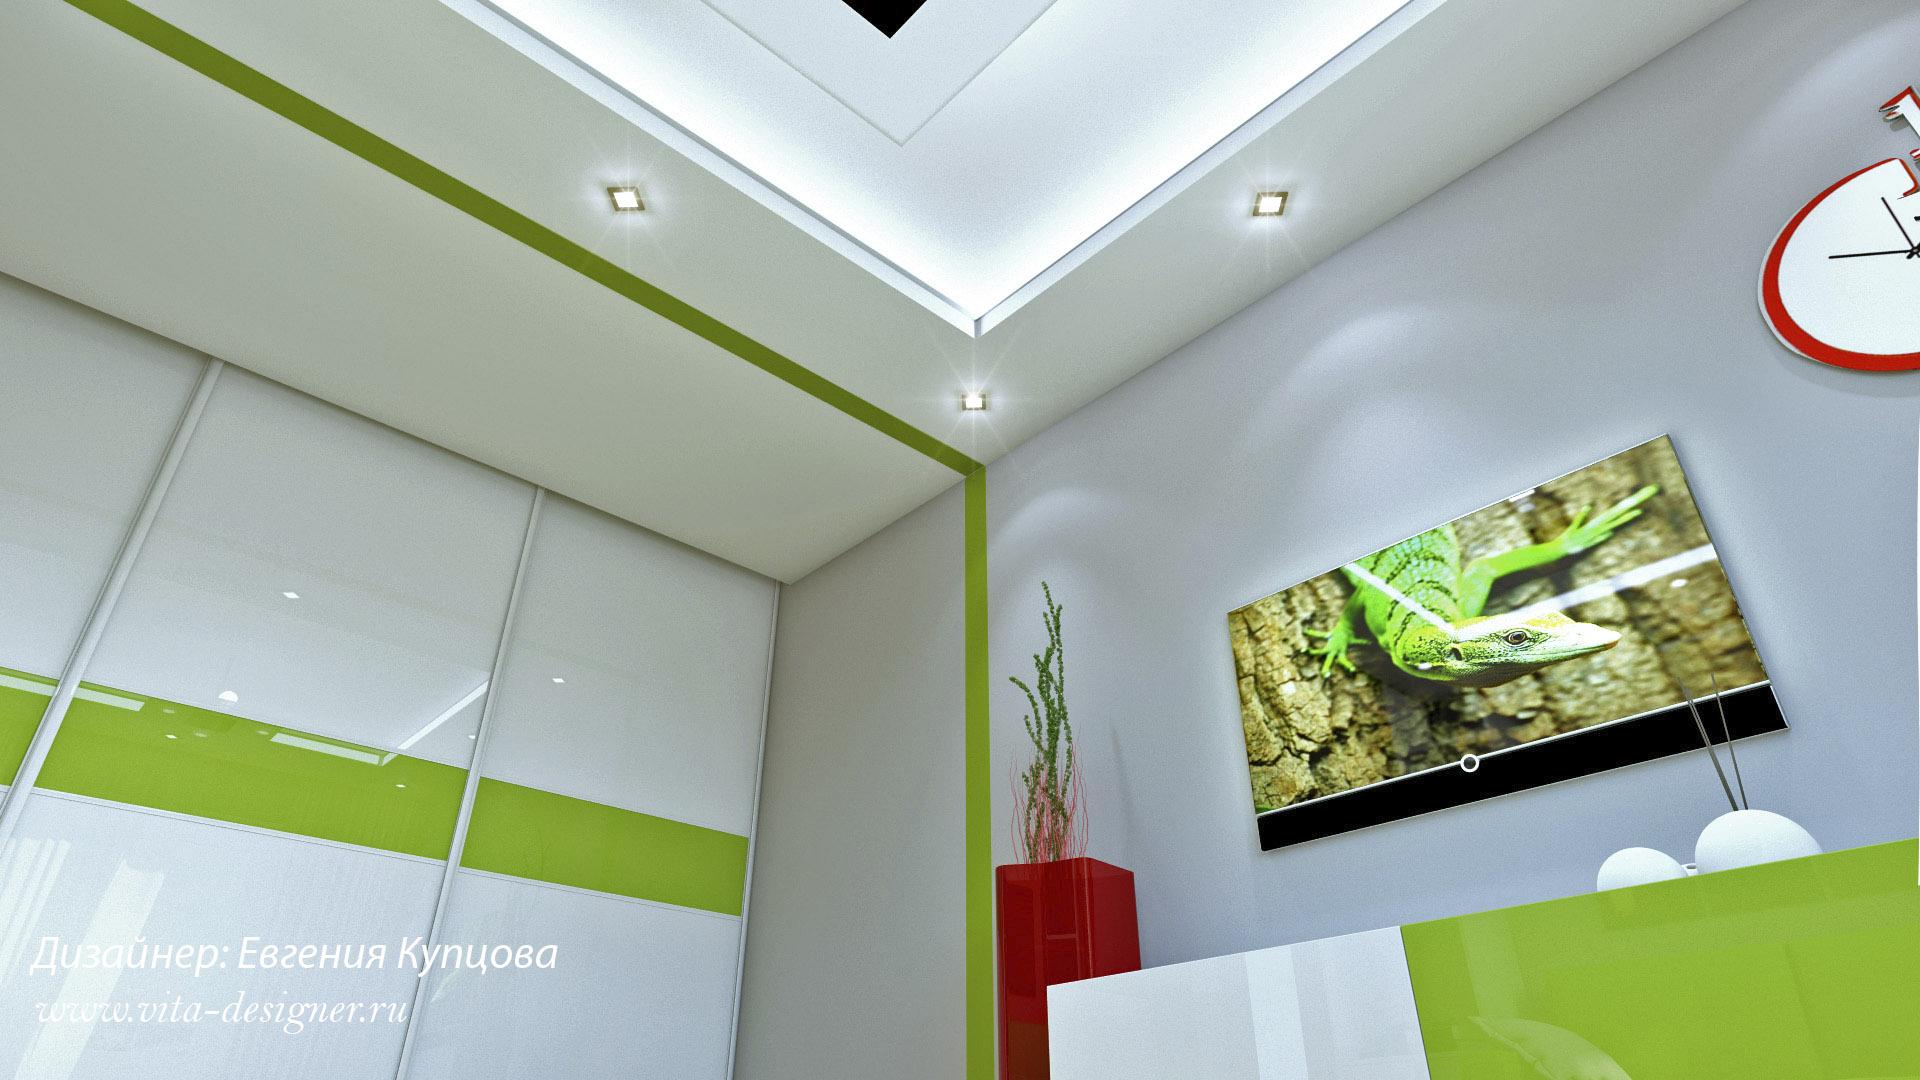 гостиная 4 дизайн интерьера евгения купцова